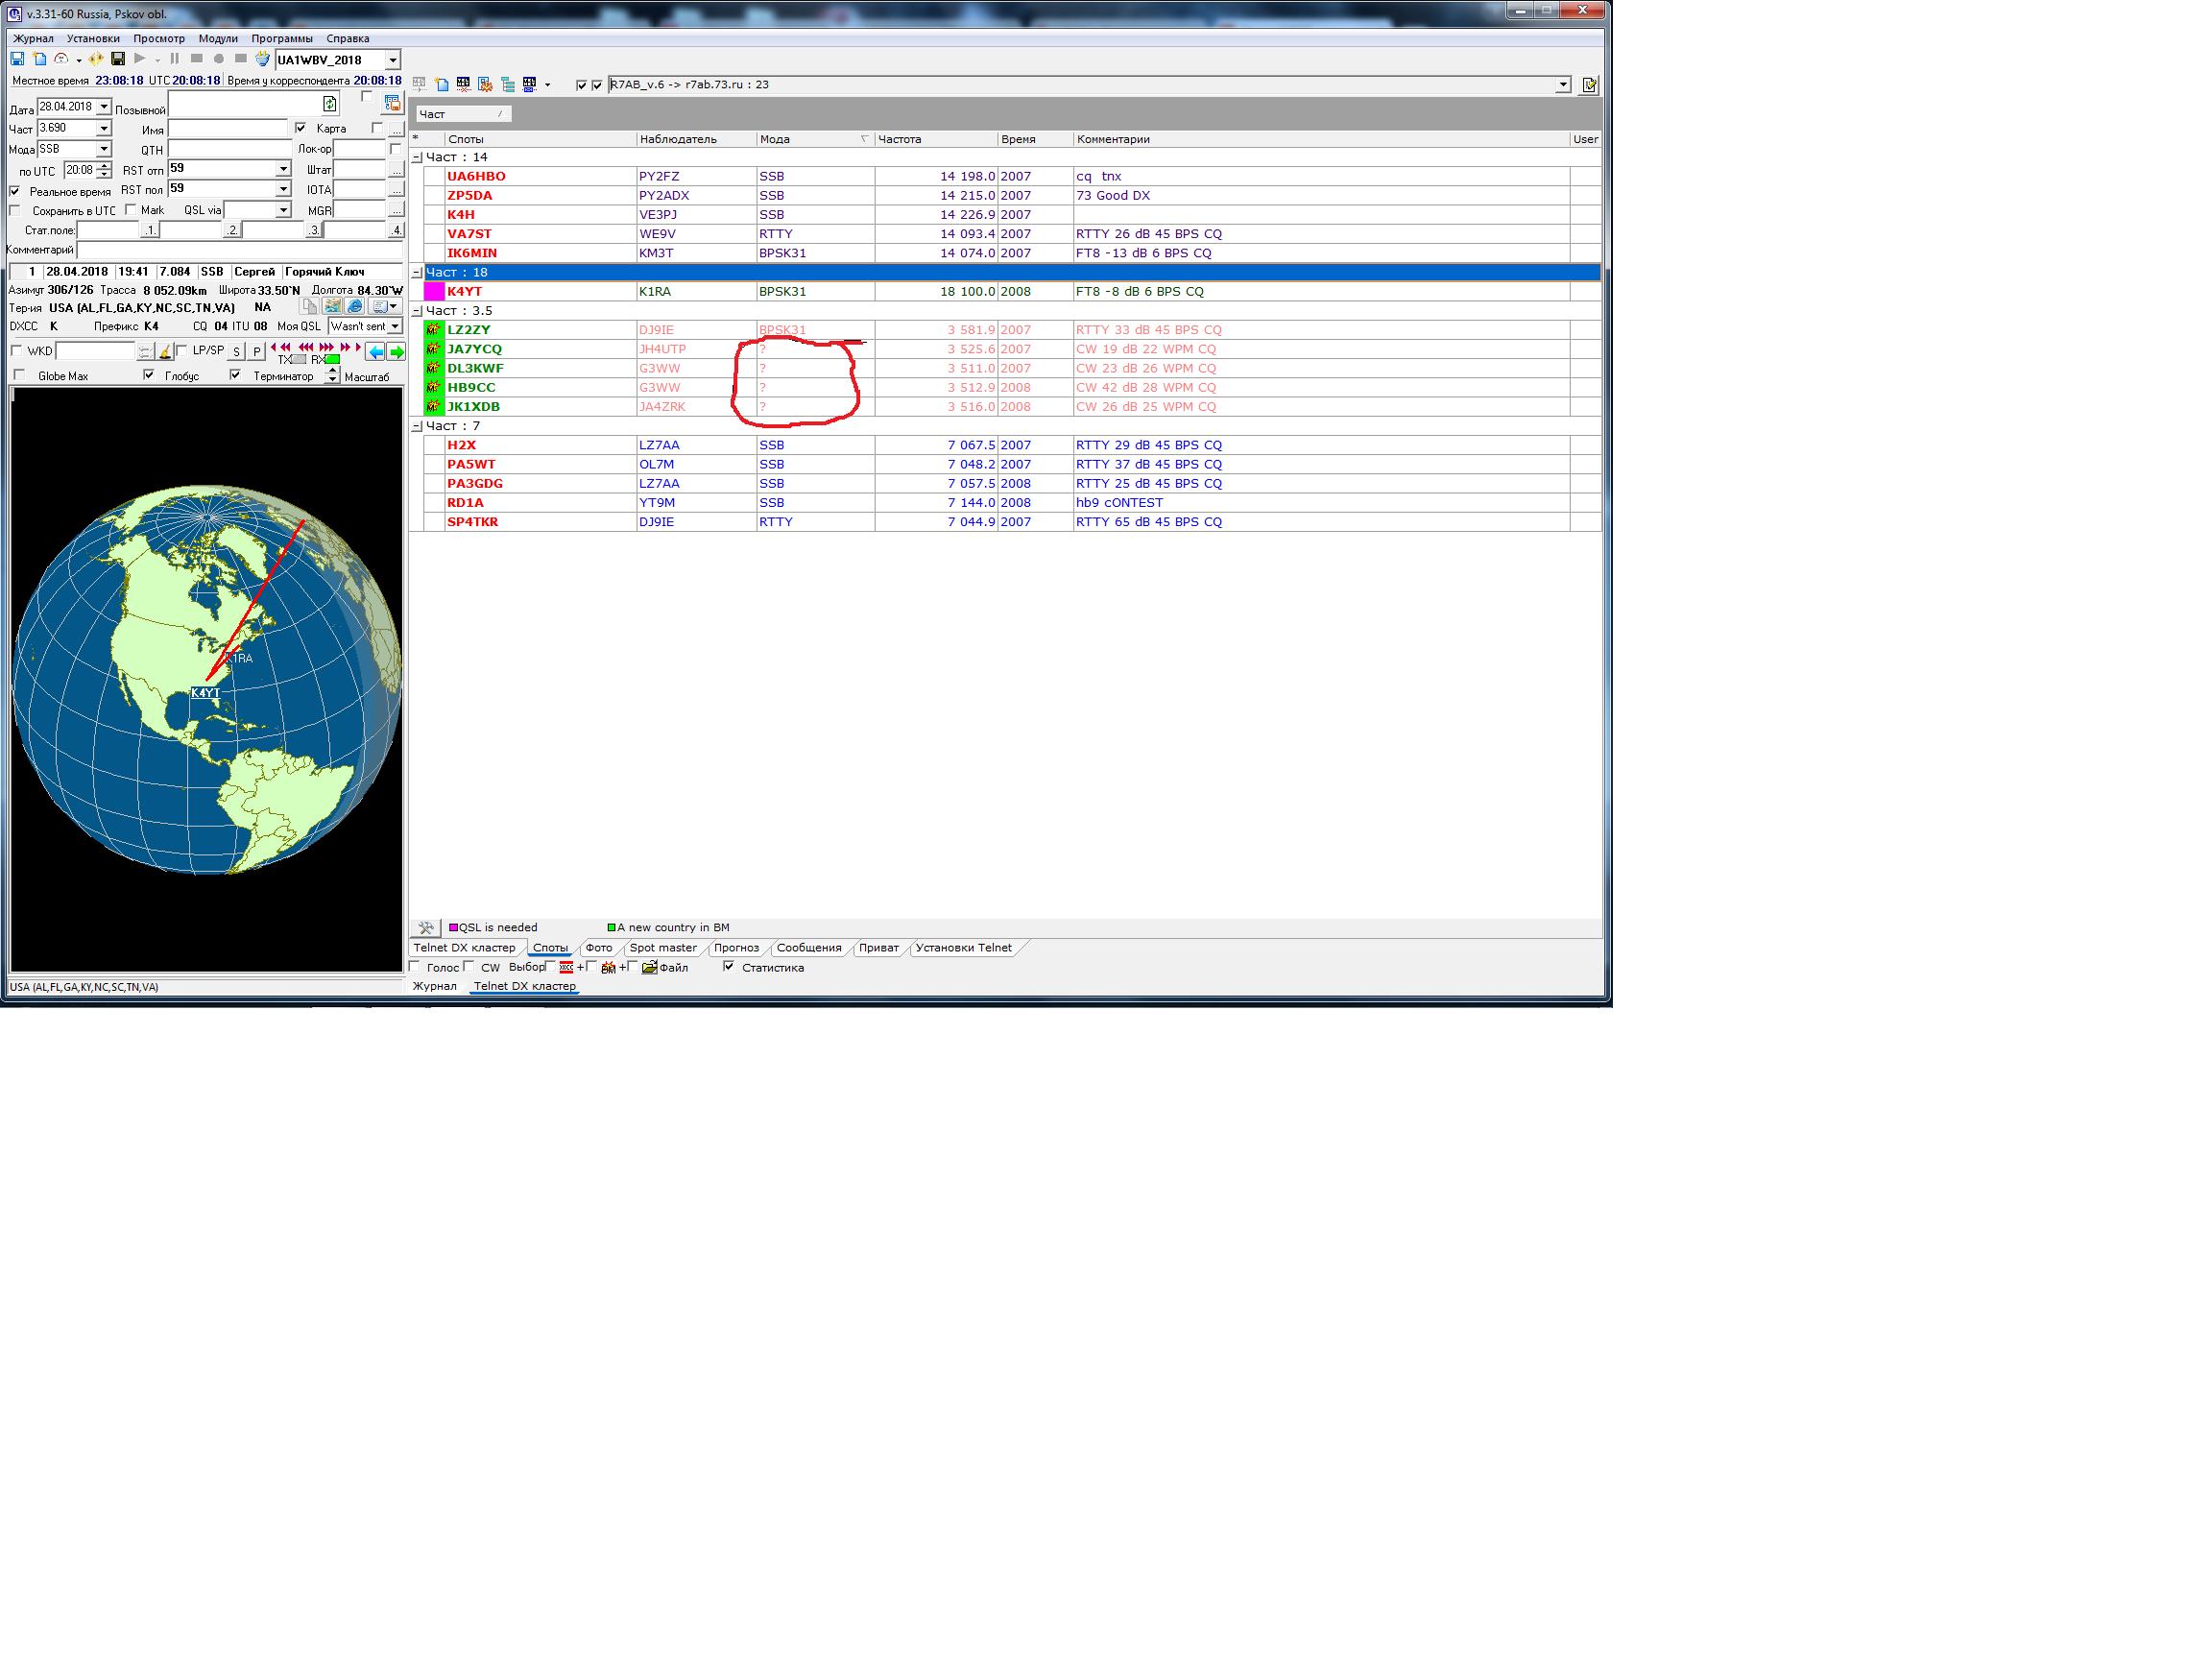 Нажмите на изображение для увеличения.  Название:Кластер1.png Просмотров:17 Размер:285.5 Кб ID:210549